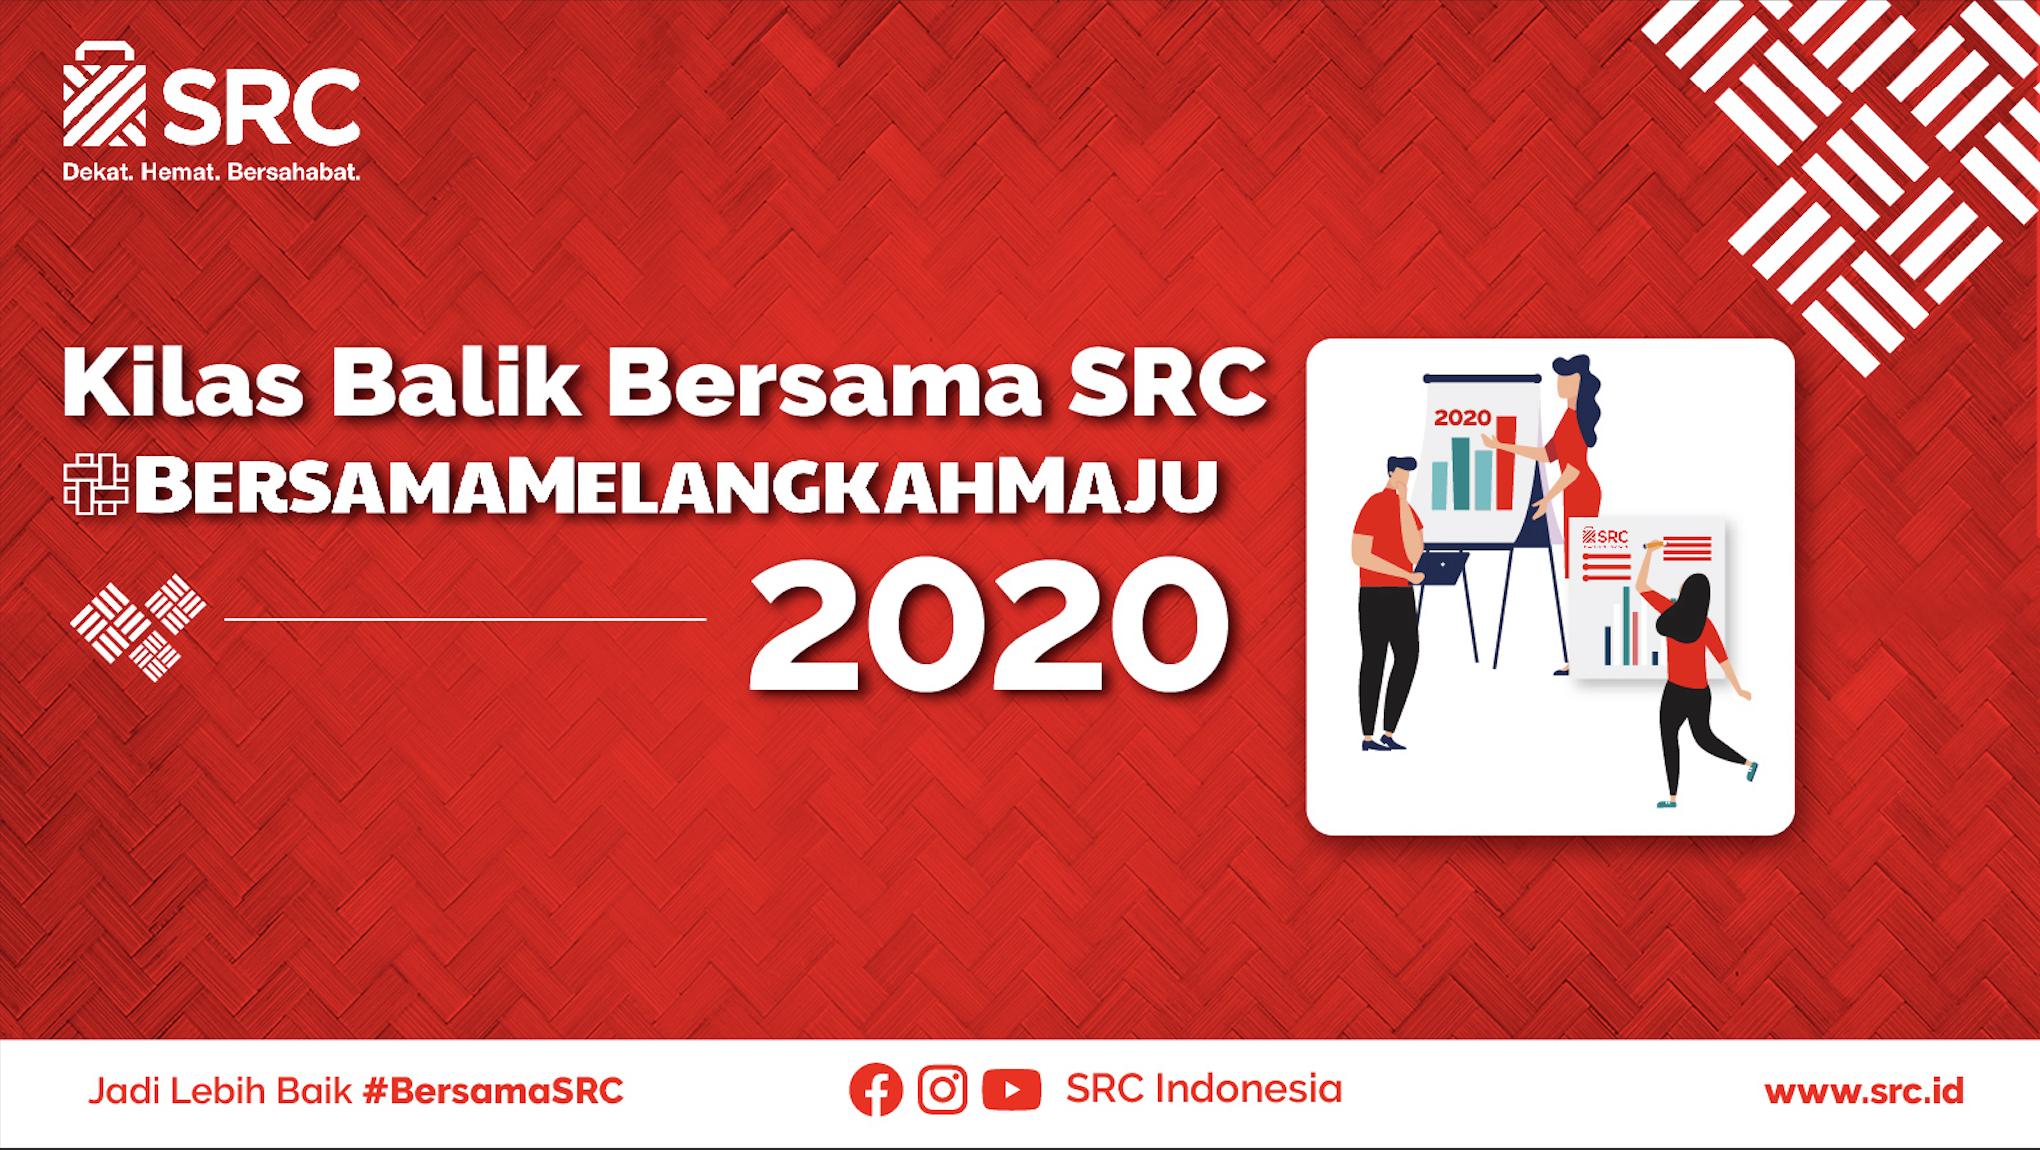 Kilas Balik 2020 #BersamaSRC